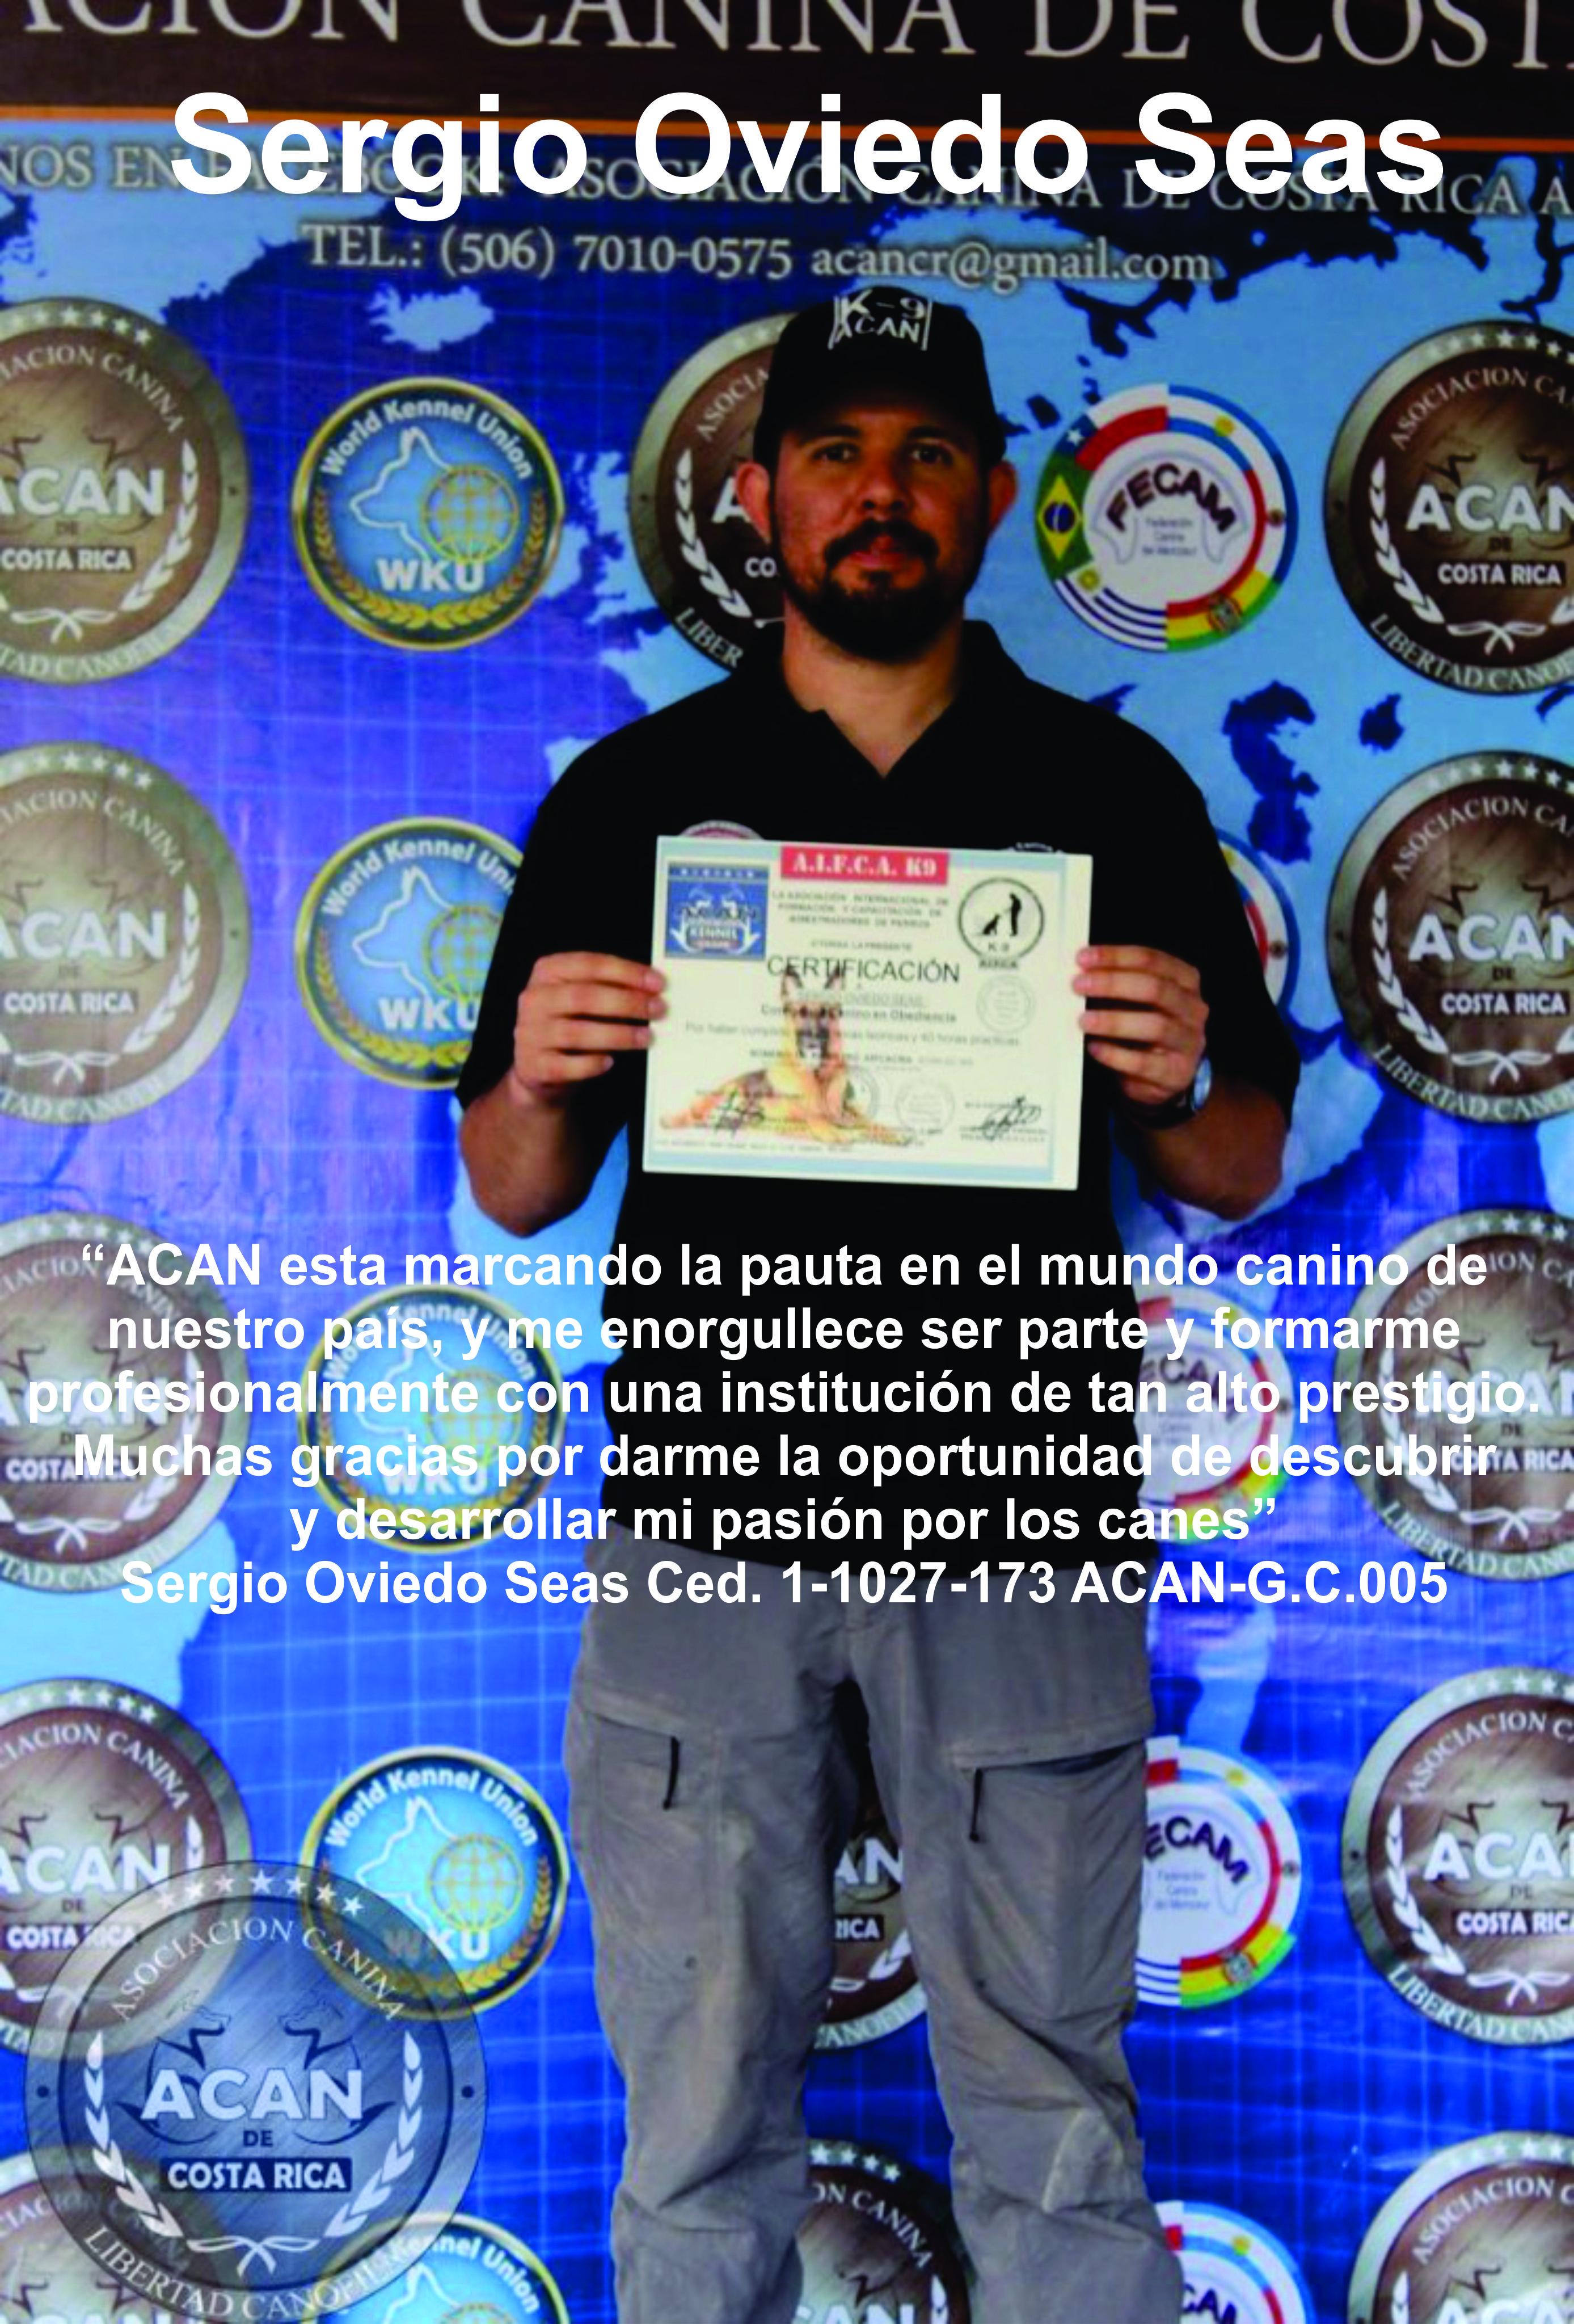 Sergio Oviedo Seas